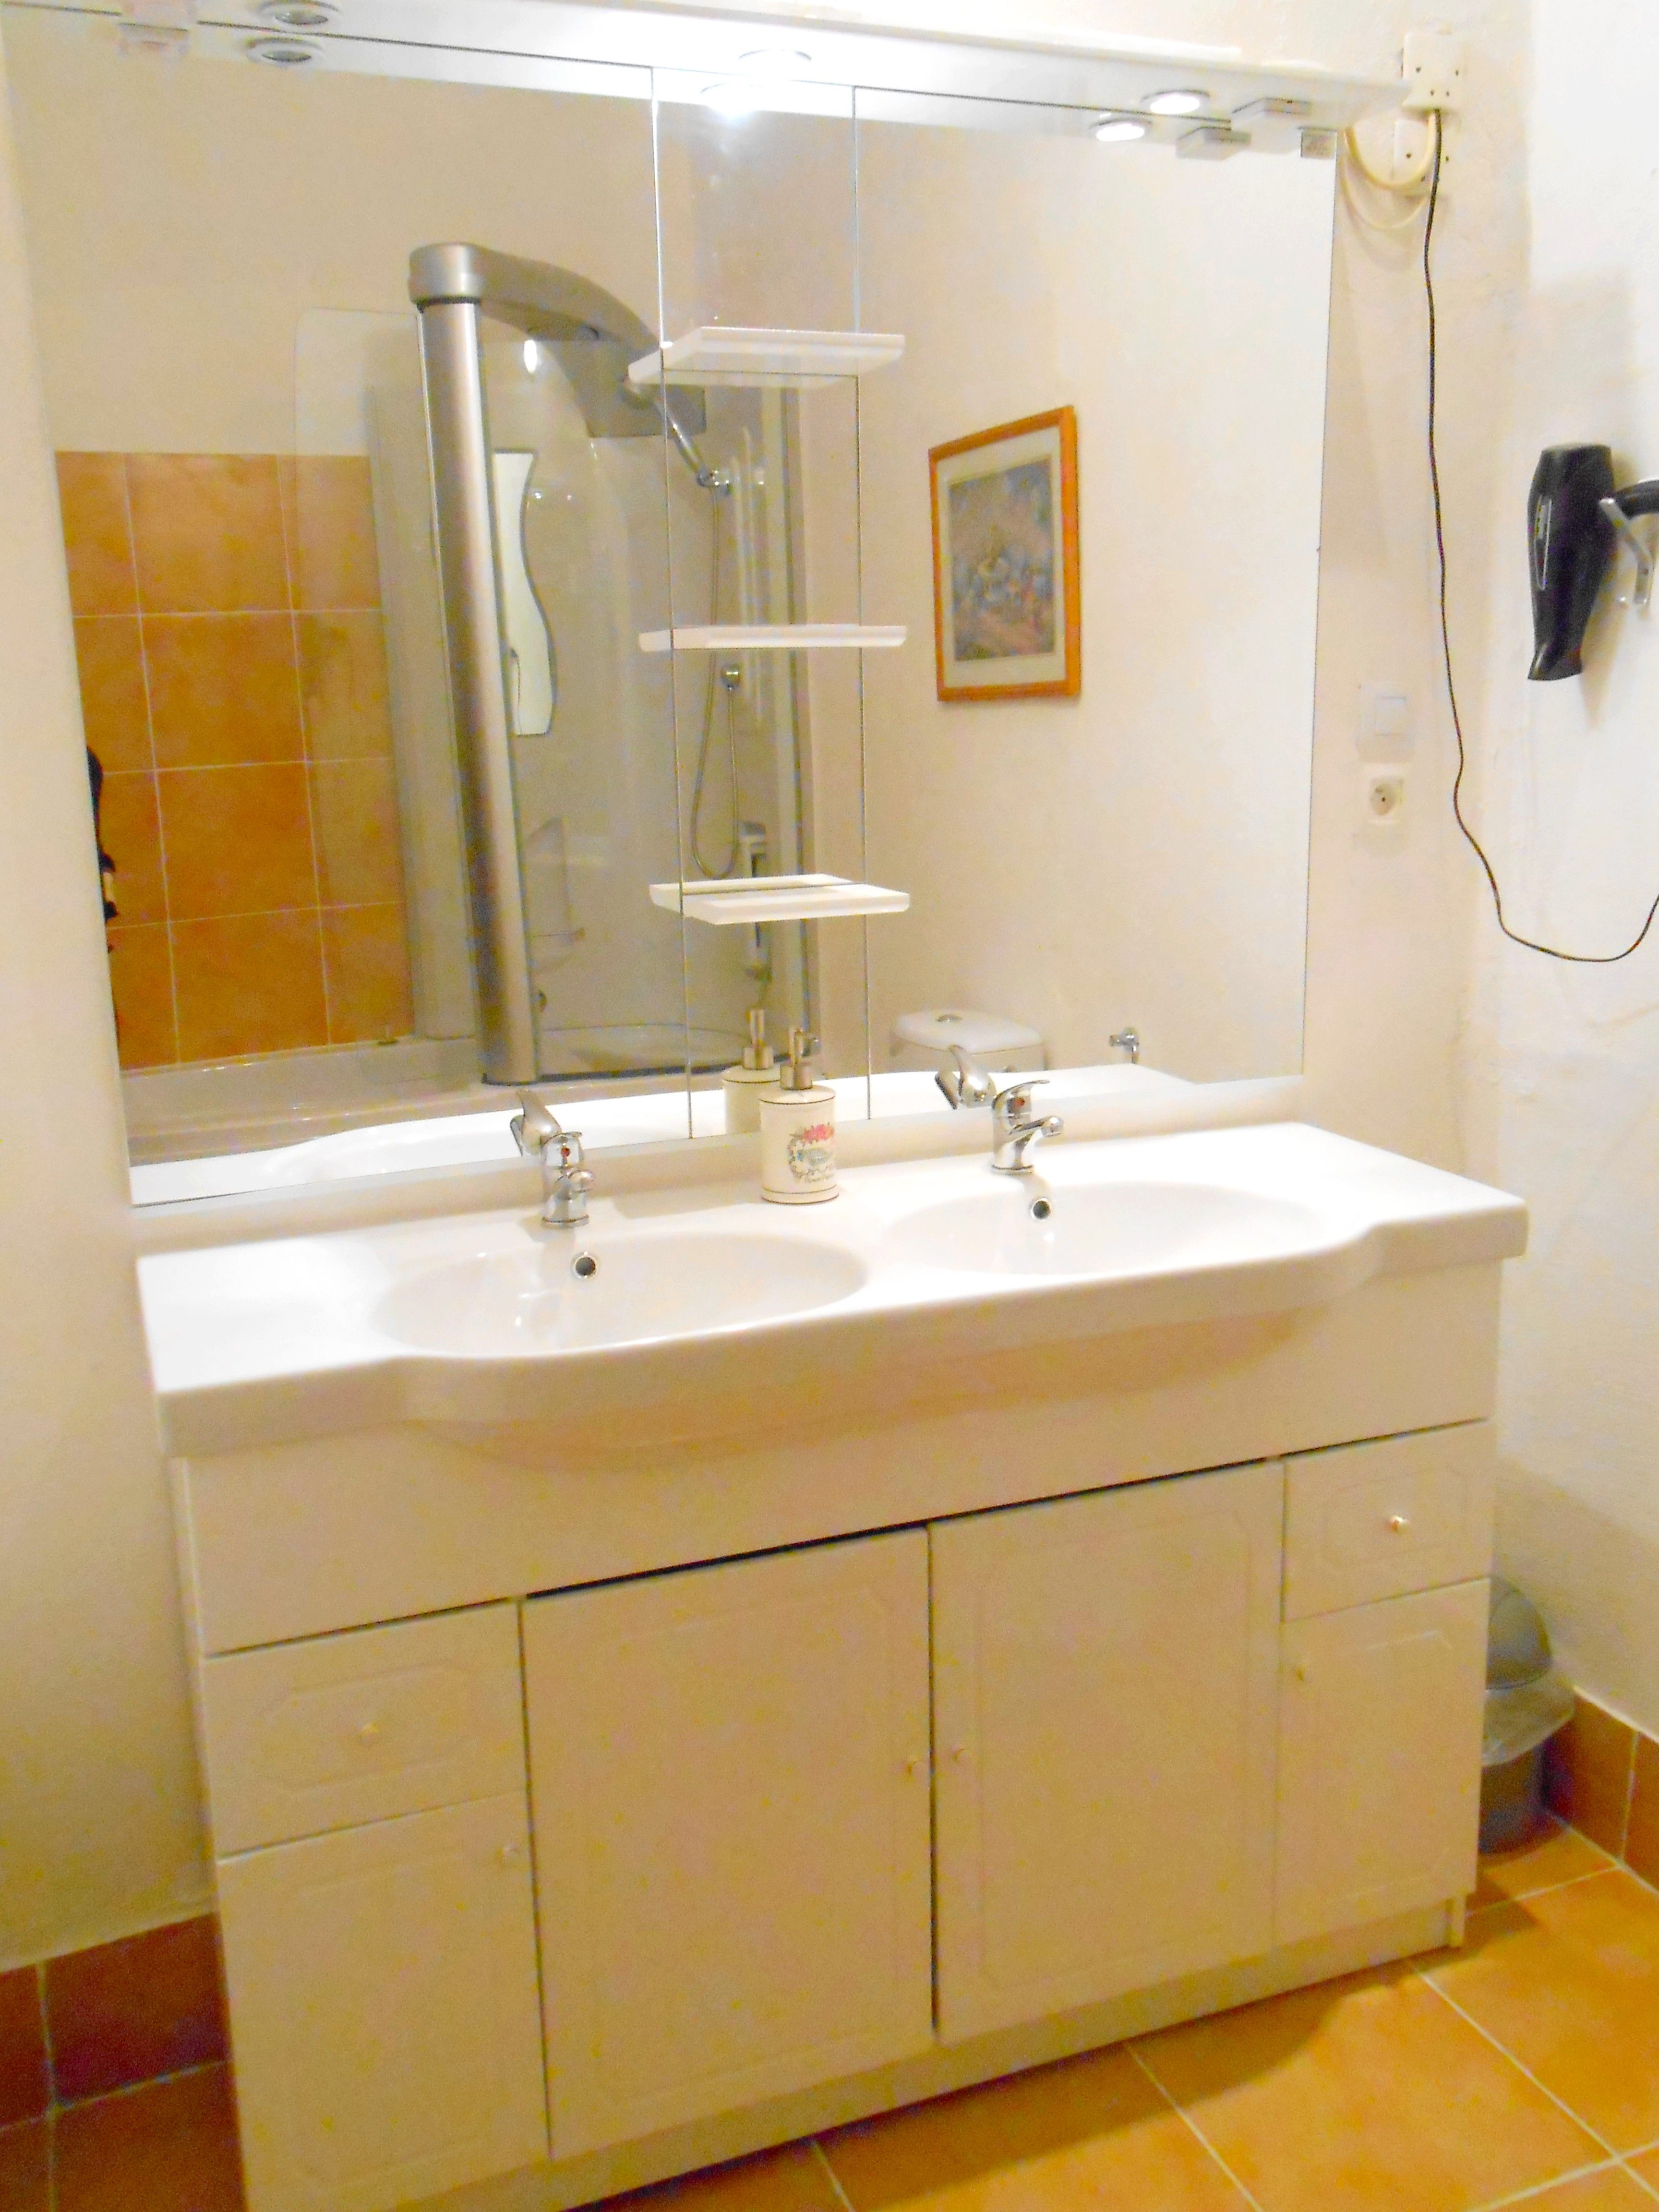 Spot Au Dessus Lavabo la familiale : double lavabo, grand mirroir, plusieurs spots